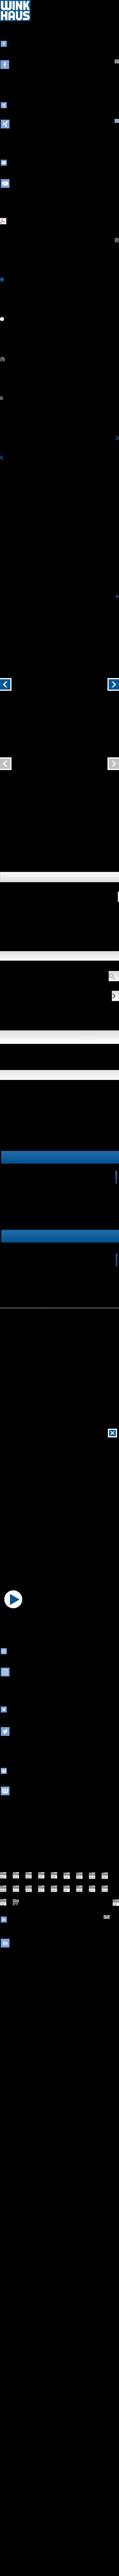 Full Size of Fenstertechnik Winkhaus Auto Fenster Folie Plissee Einbruchschutz Nachrüsten Marken Sichtschutzfolie Einseitig Durchsichtig De Jalousie Innen Welten Felux Fenster Winkhaus Fenster